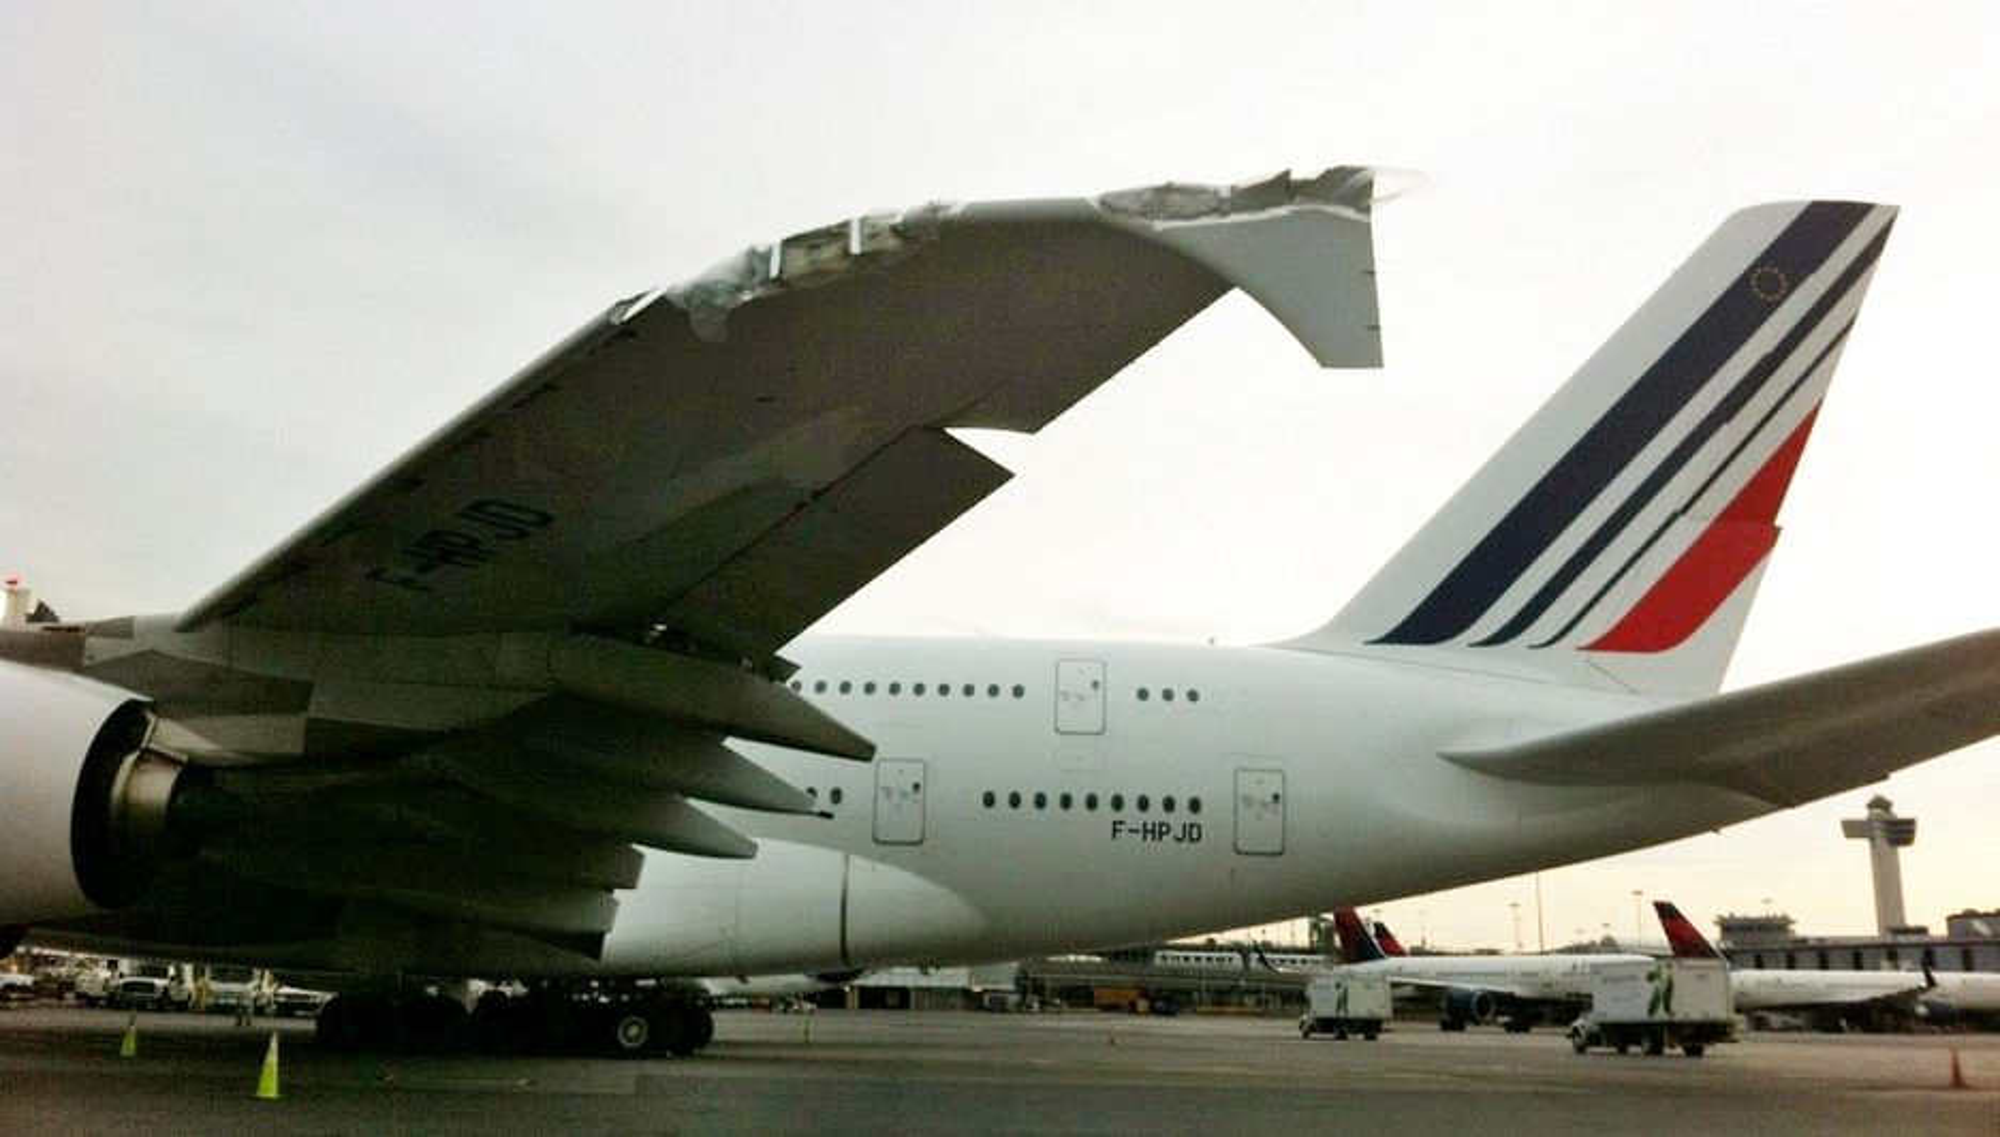 Selv for verdens største vinger, som A380 har, koster det å vingeklippe en liten CRJ. Risikoen for slike uhell kan reduseres dersom NTSB får gjennom sitt krav om taxekameraer som viser vingetippene på store fly.